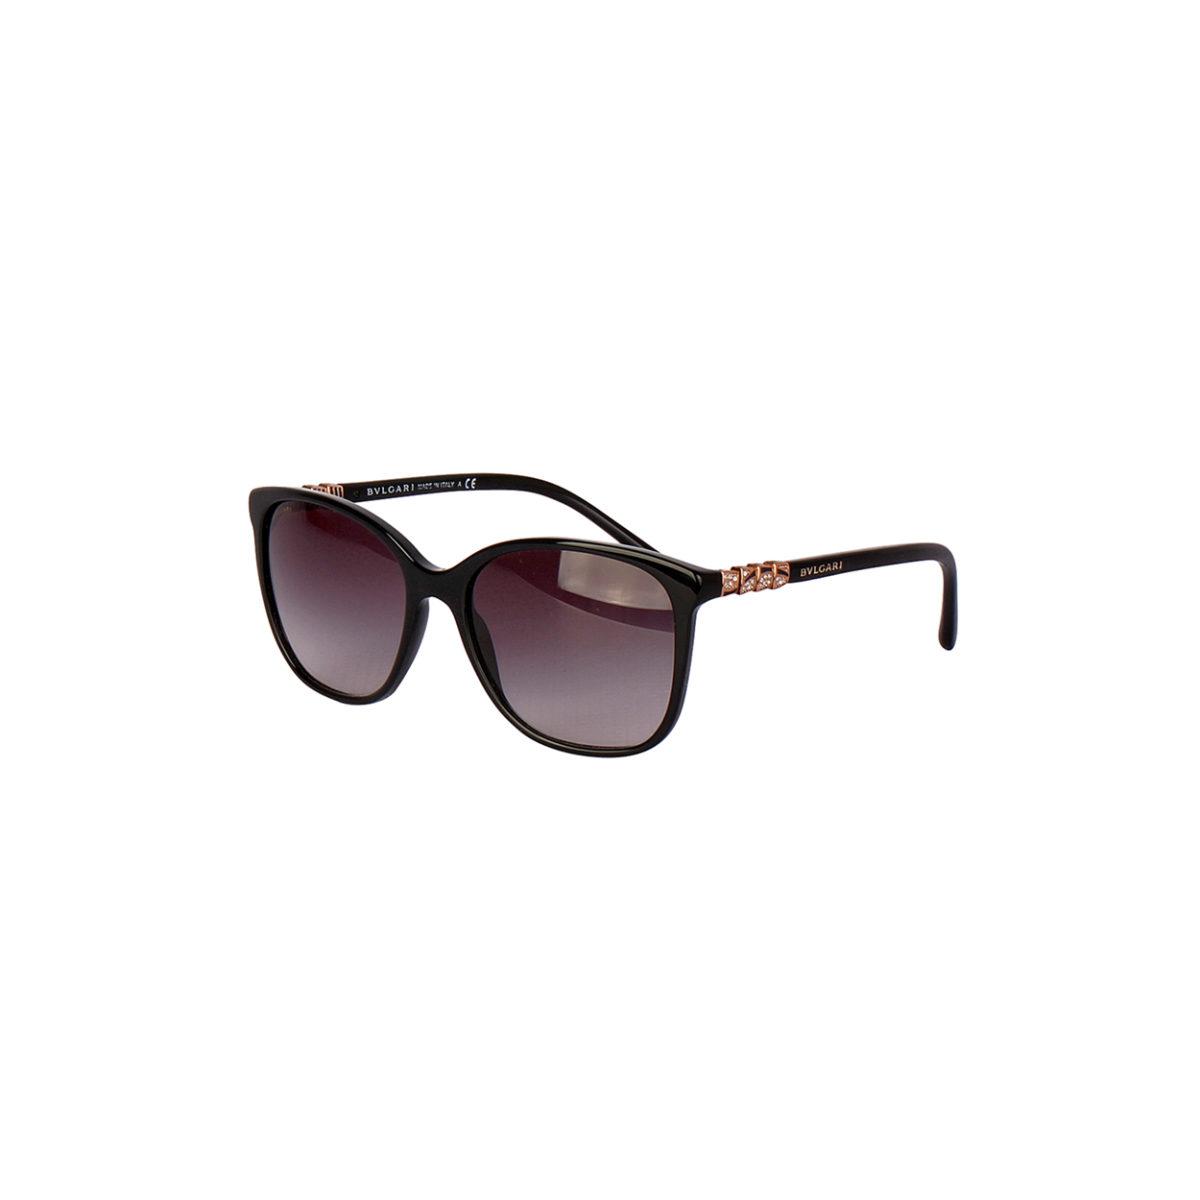 Cat Bvlgari 8152b Black Eye Sunglasses droxBeQCW